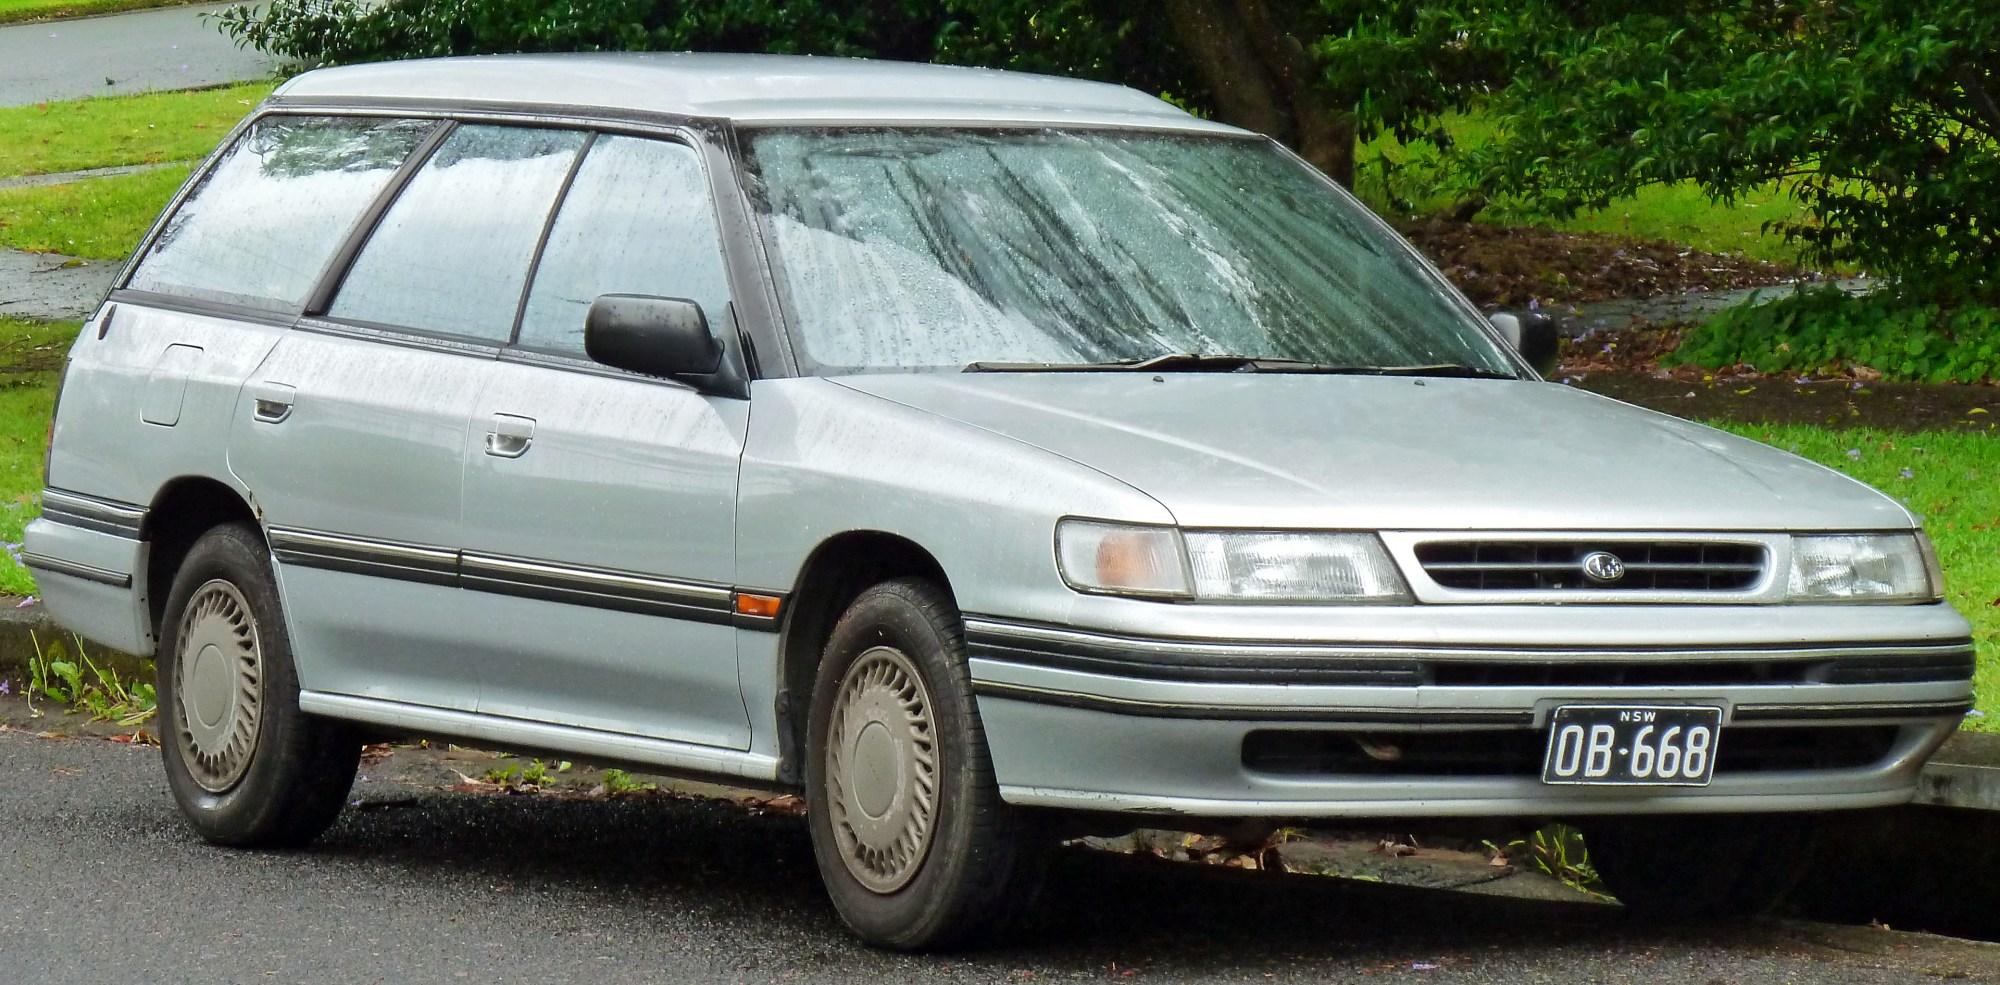 hight resolution of file 1993 subaru liberty bf6 lx 2wd station wagon 2011 11